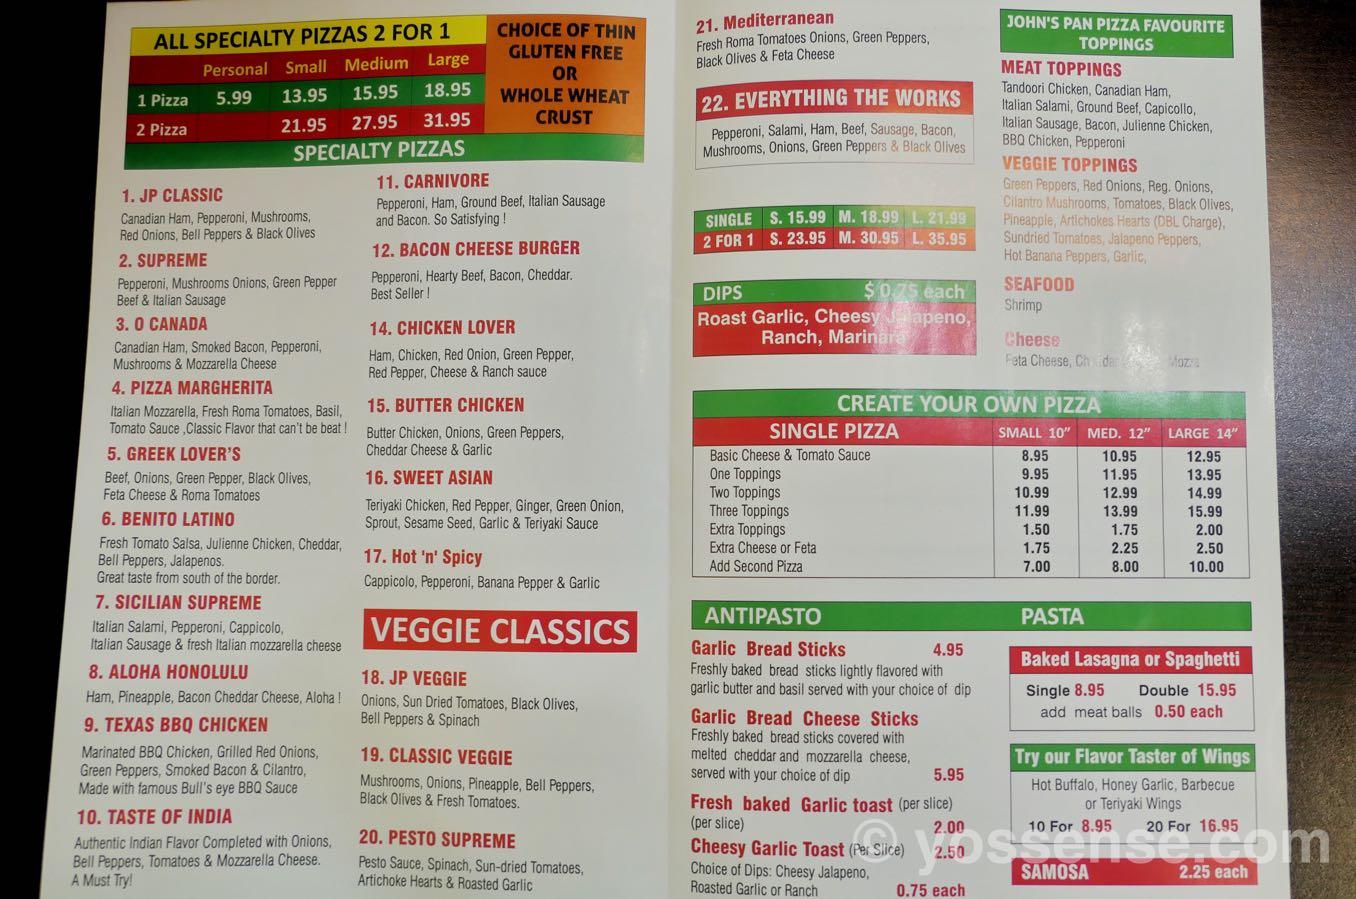 John's Pan Pizzaのメニュー表